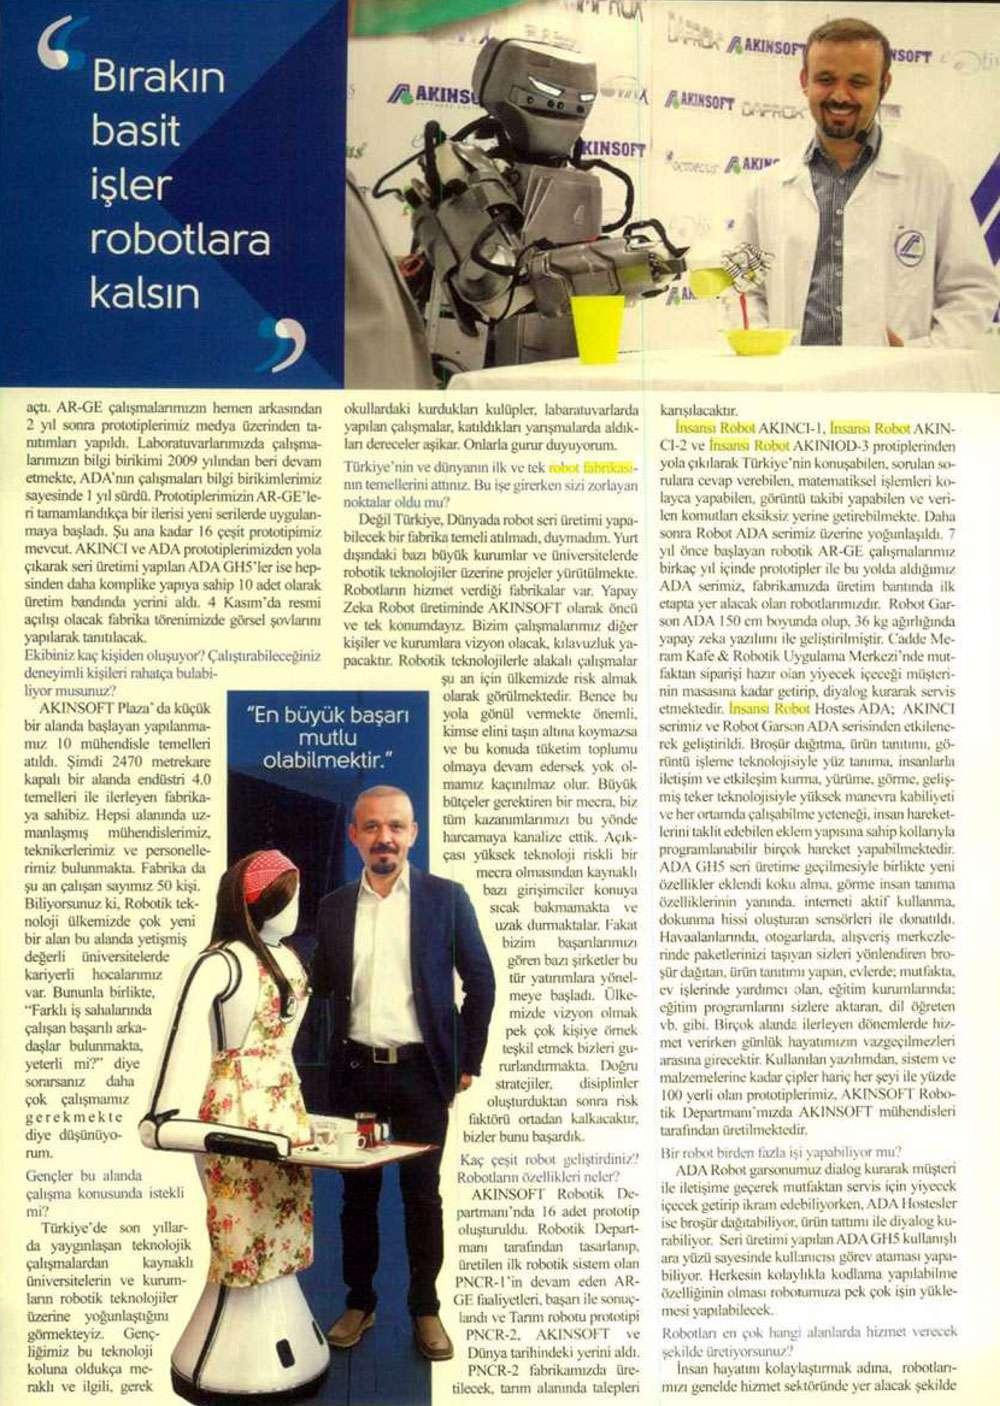 Dr Özgür AKINın Aktüel Dergisinde yayınlanan  Yapay Zeka Dünyaya Yön Verecek konulu röportaj çalışması - 5